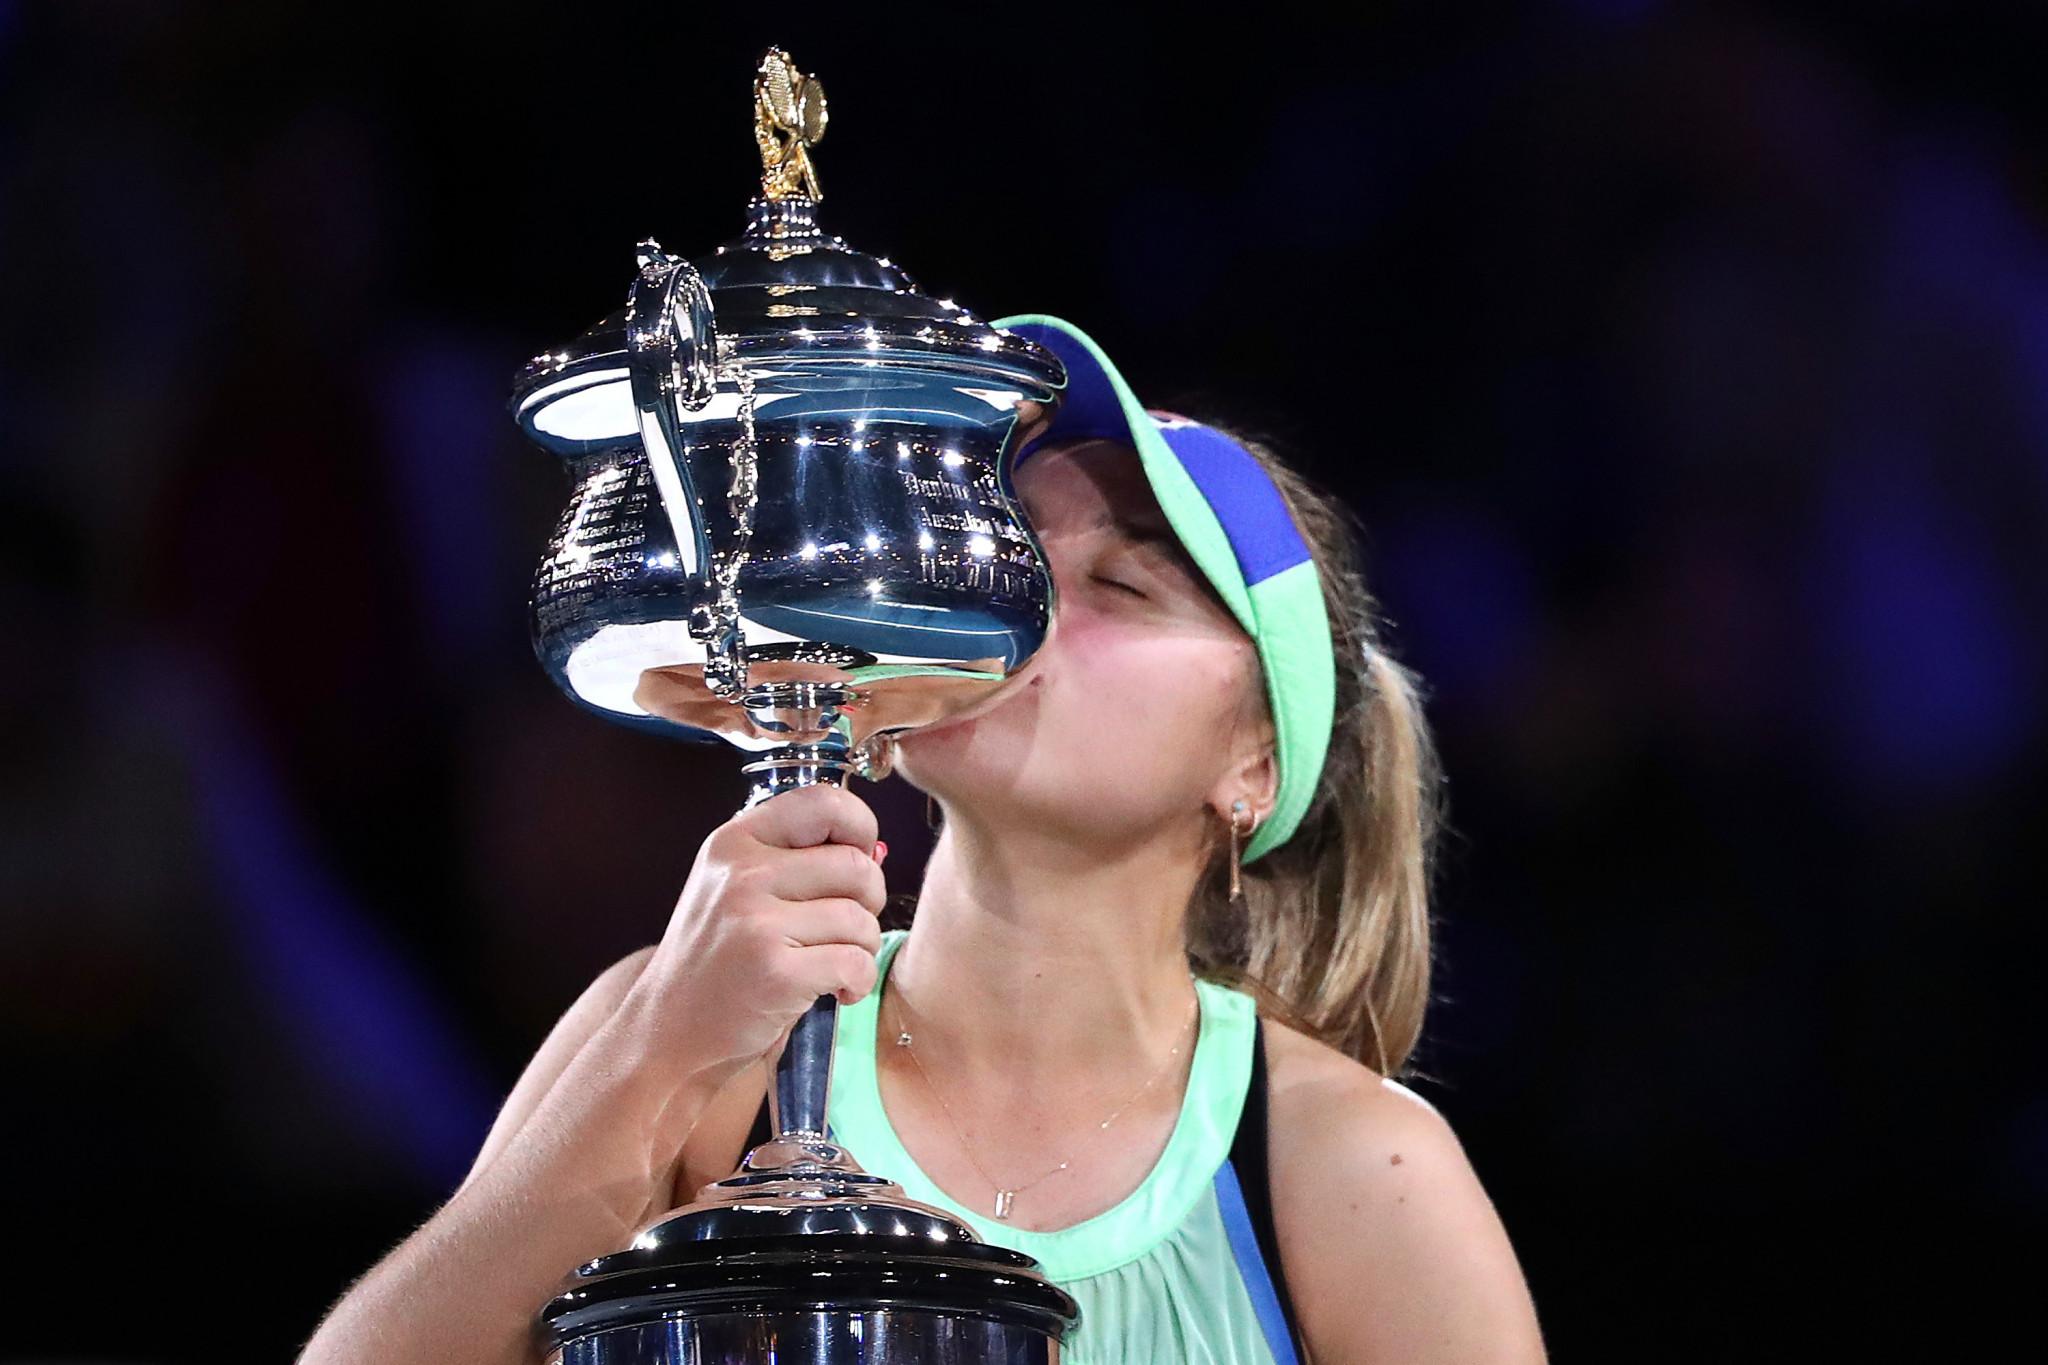 Kenin triumphs in Australian Open women's final to earn maiden Grand Slam title